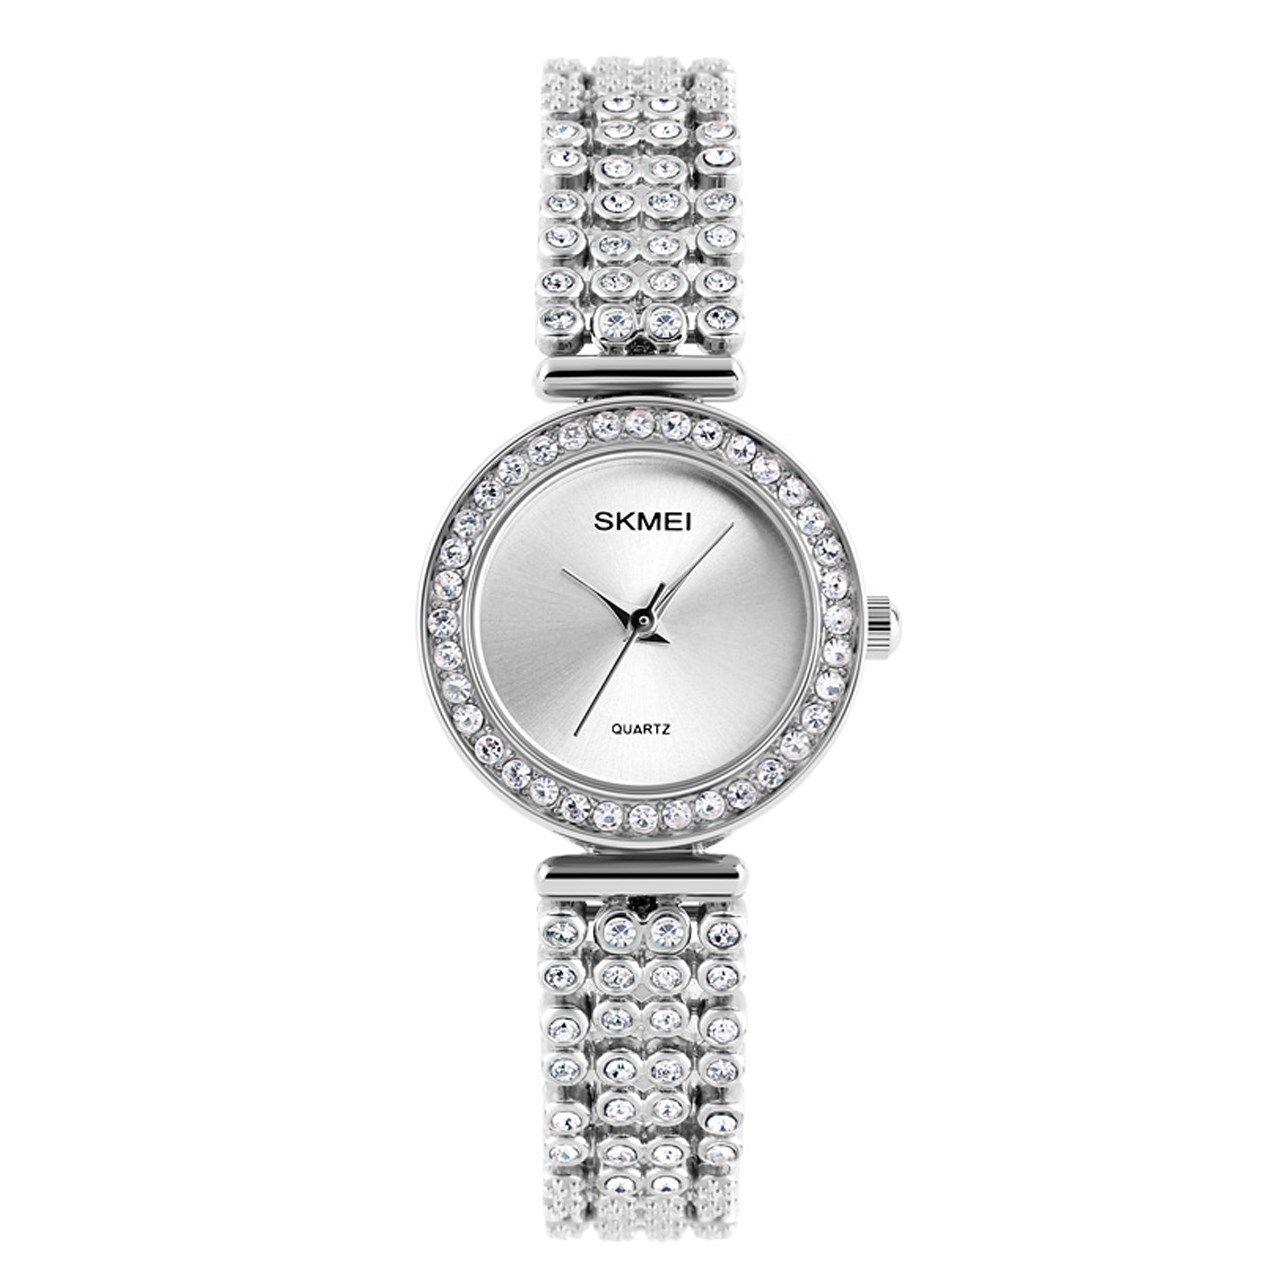 ساعت مچی عقربه ای زنانه اسکمی مدل 1224 -  - 1